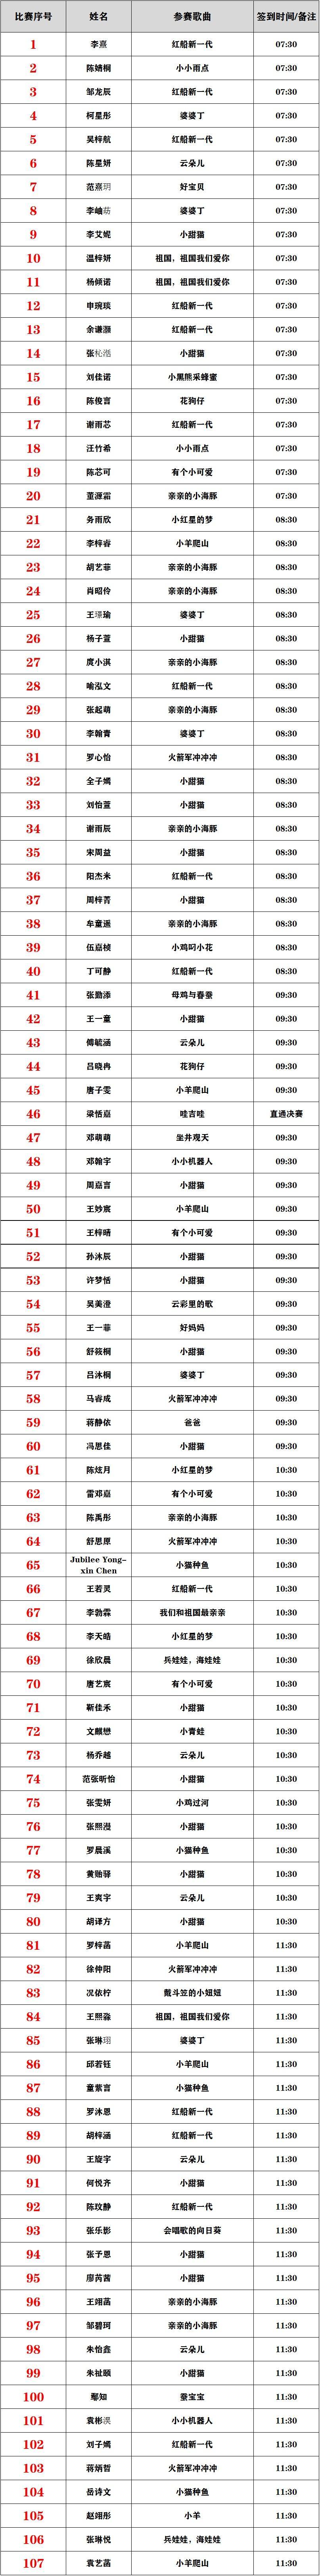 2021第17届快乐阳光全国少歌赛【重庆赛区】复赛比赛通知 第5张